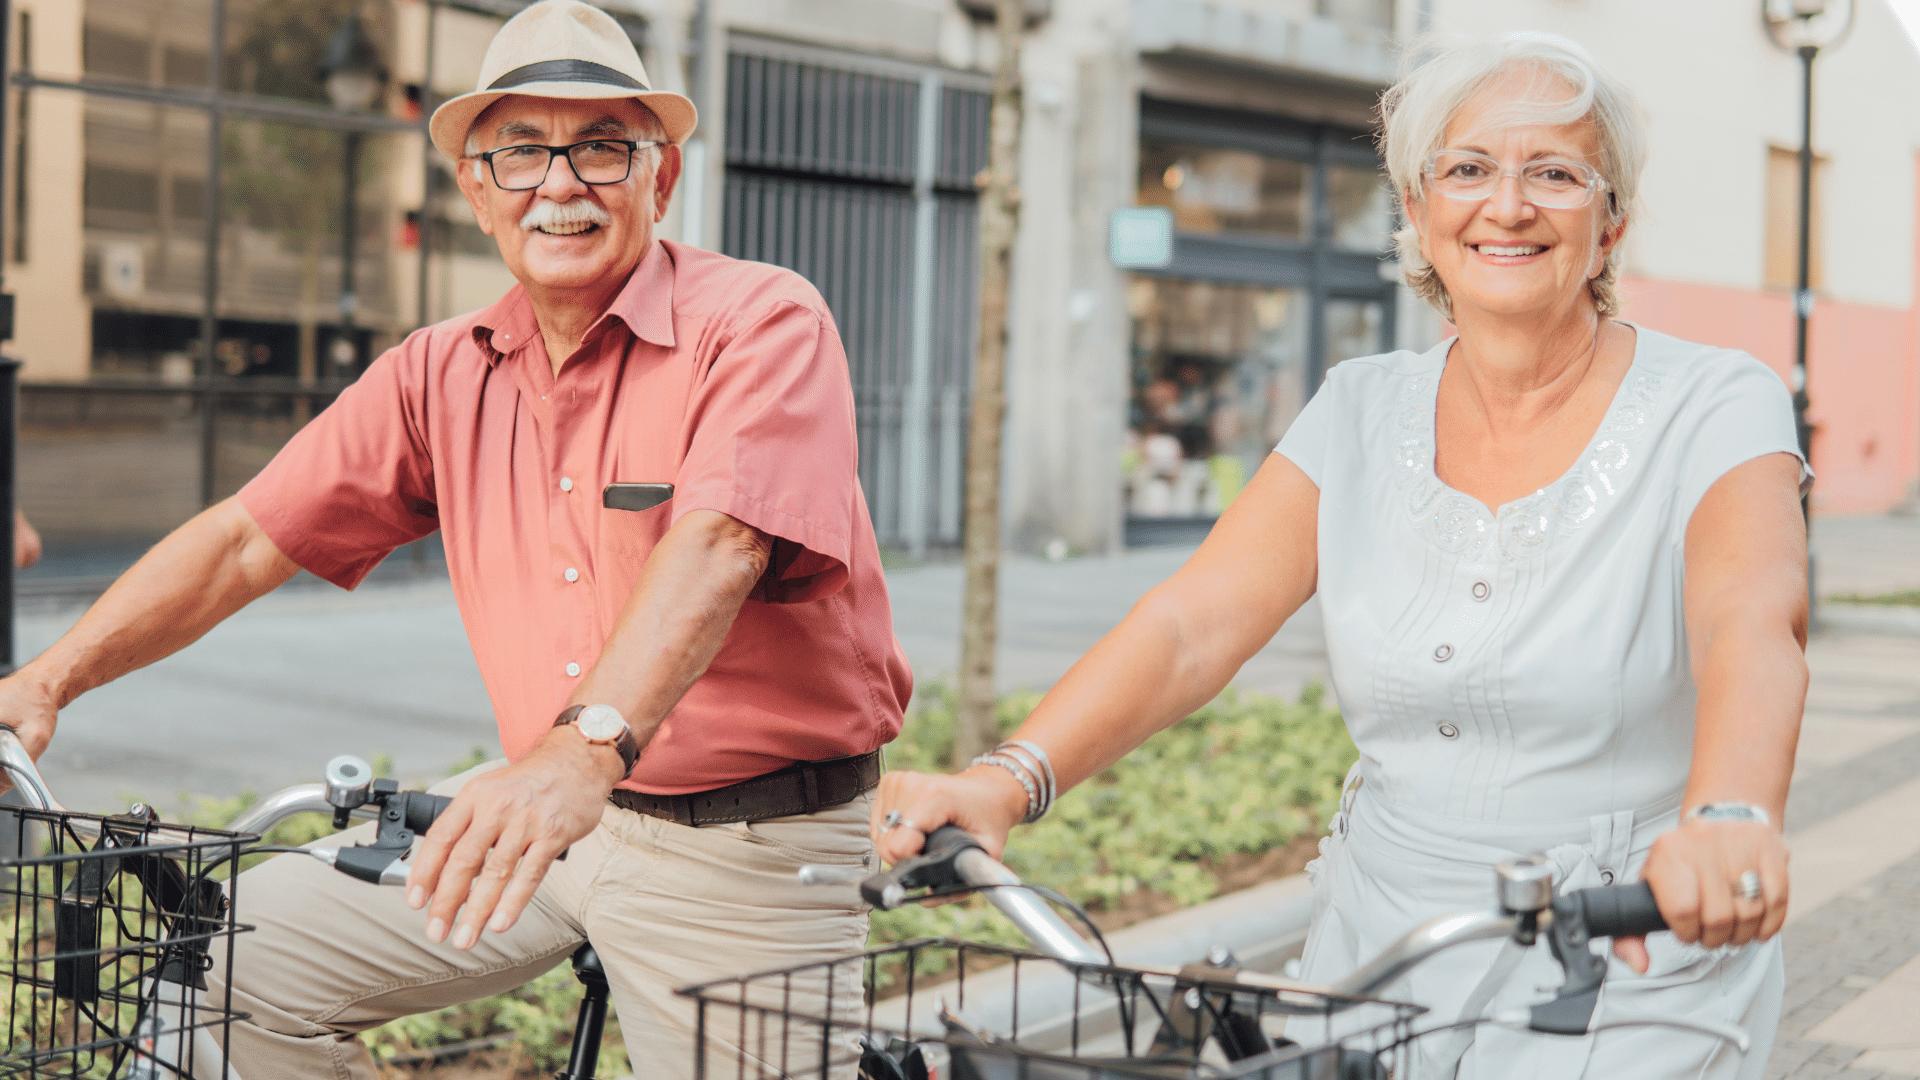 Zwei Senioren fahren Fahrrad